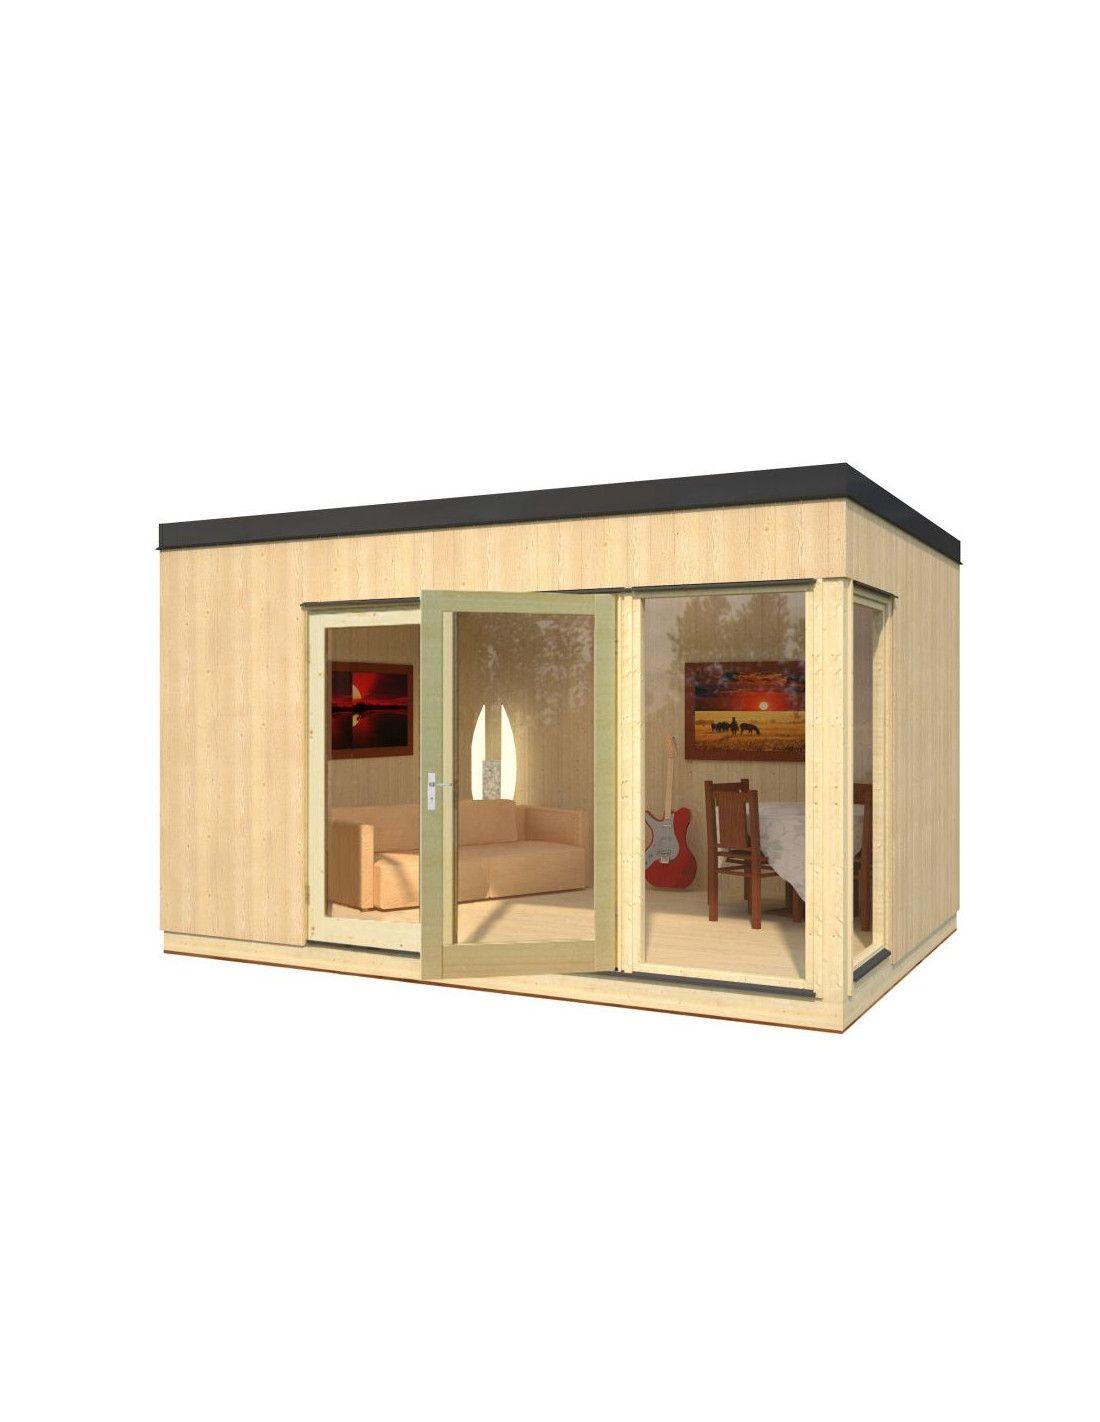 Caseta de madera estilo n rdico modelo solveig de 13 8m - Casetas de madera para terraza ...